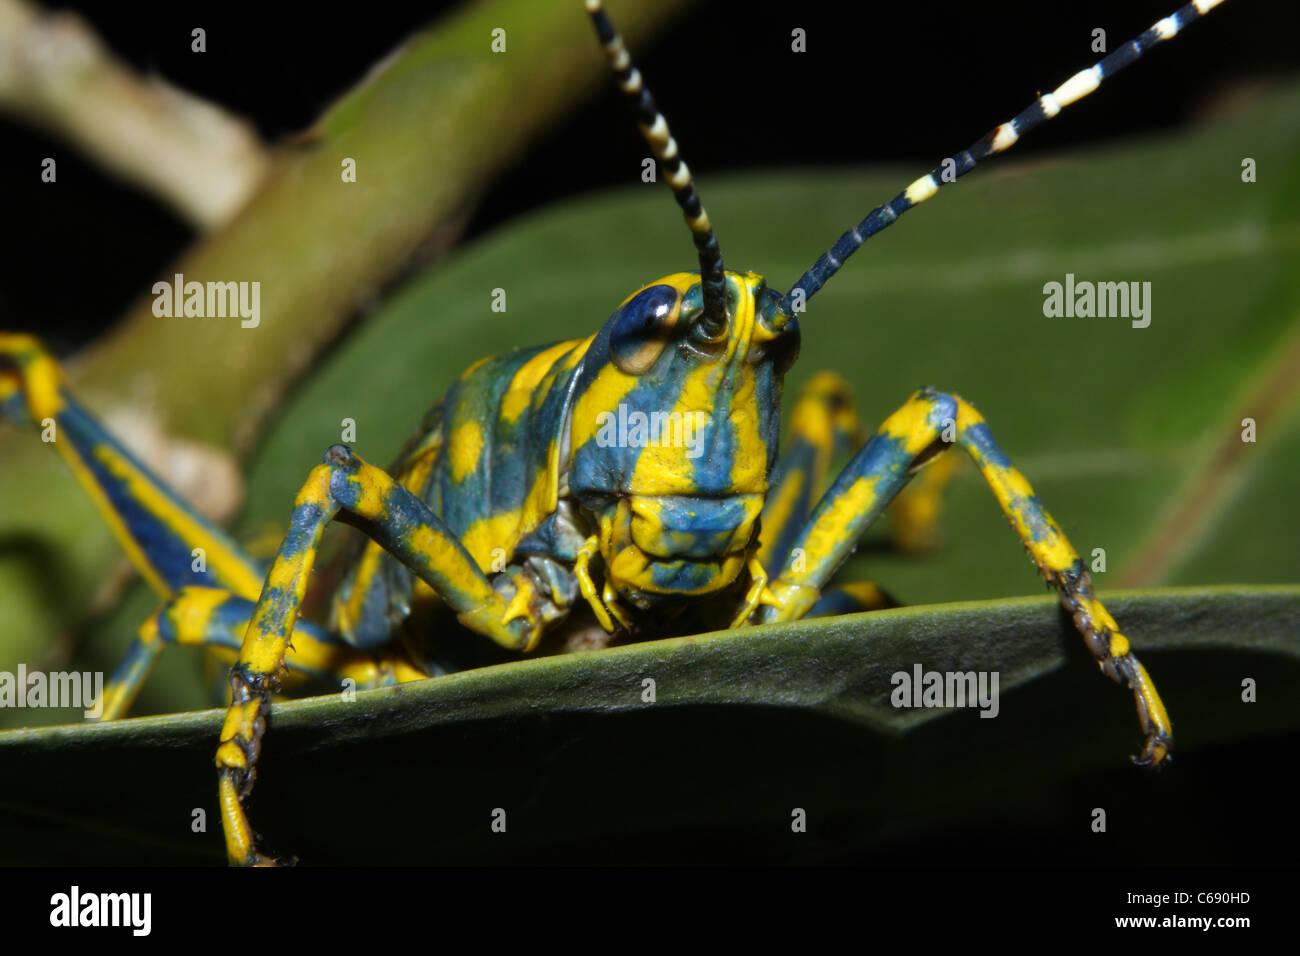 Eine bemalte Heuschrecke Poekilocerus Pictus auf einem Baum Stockbild